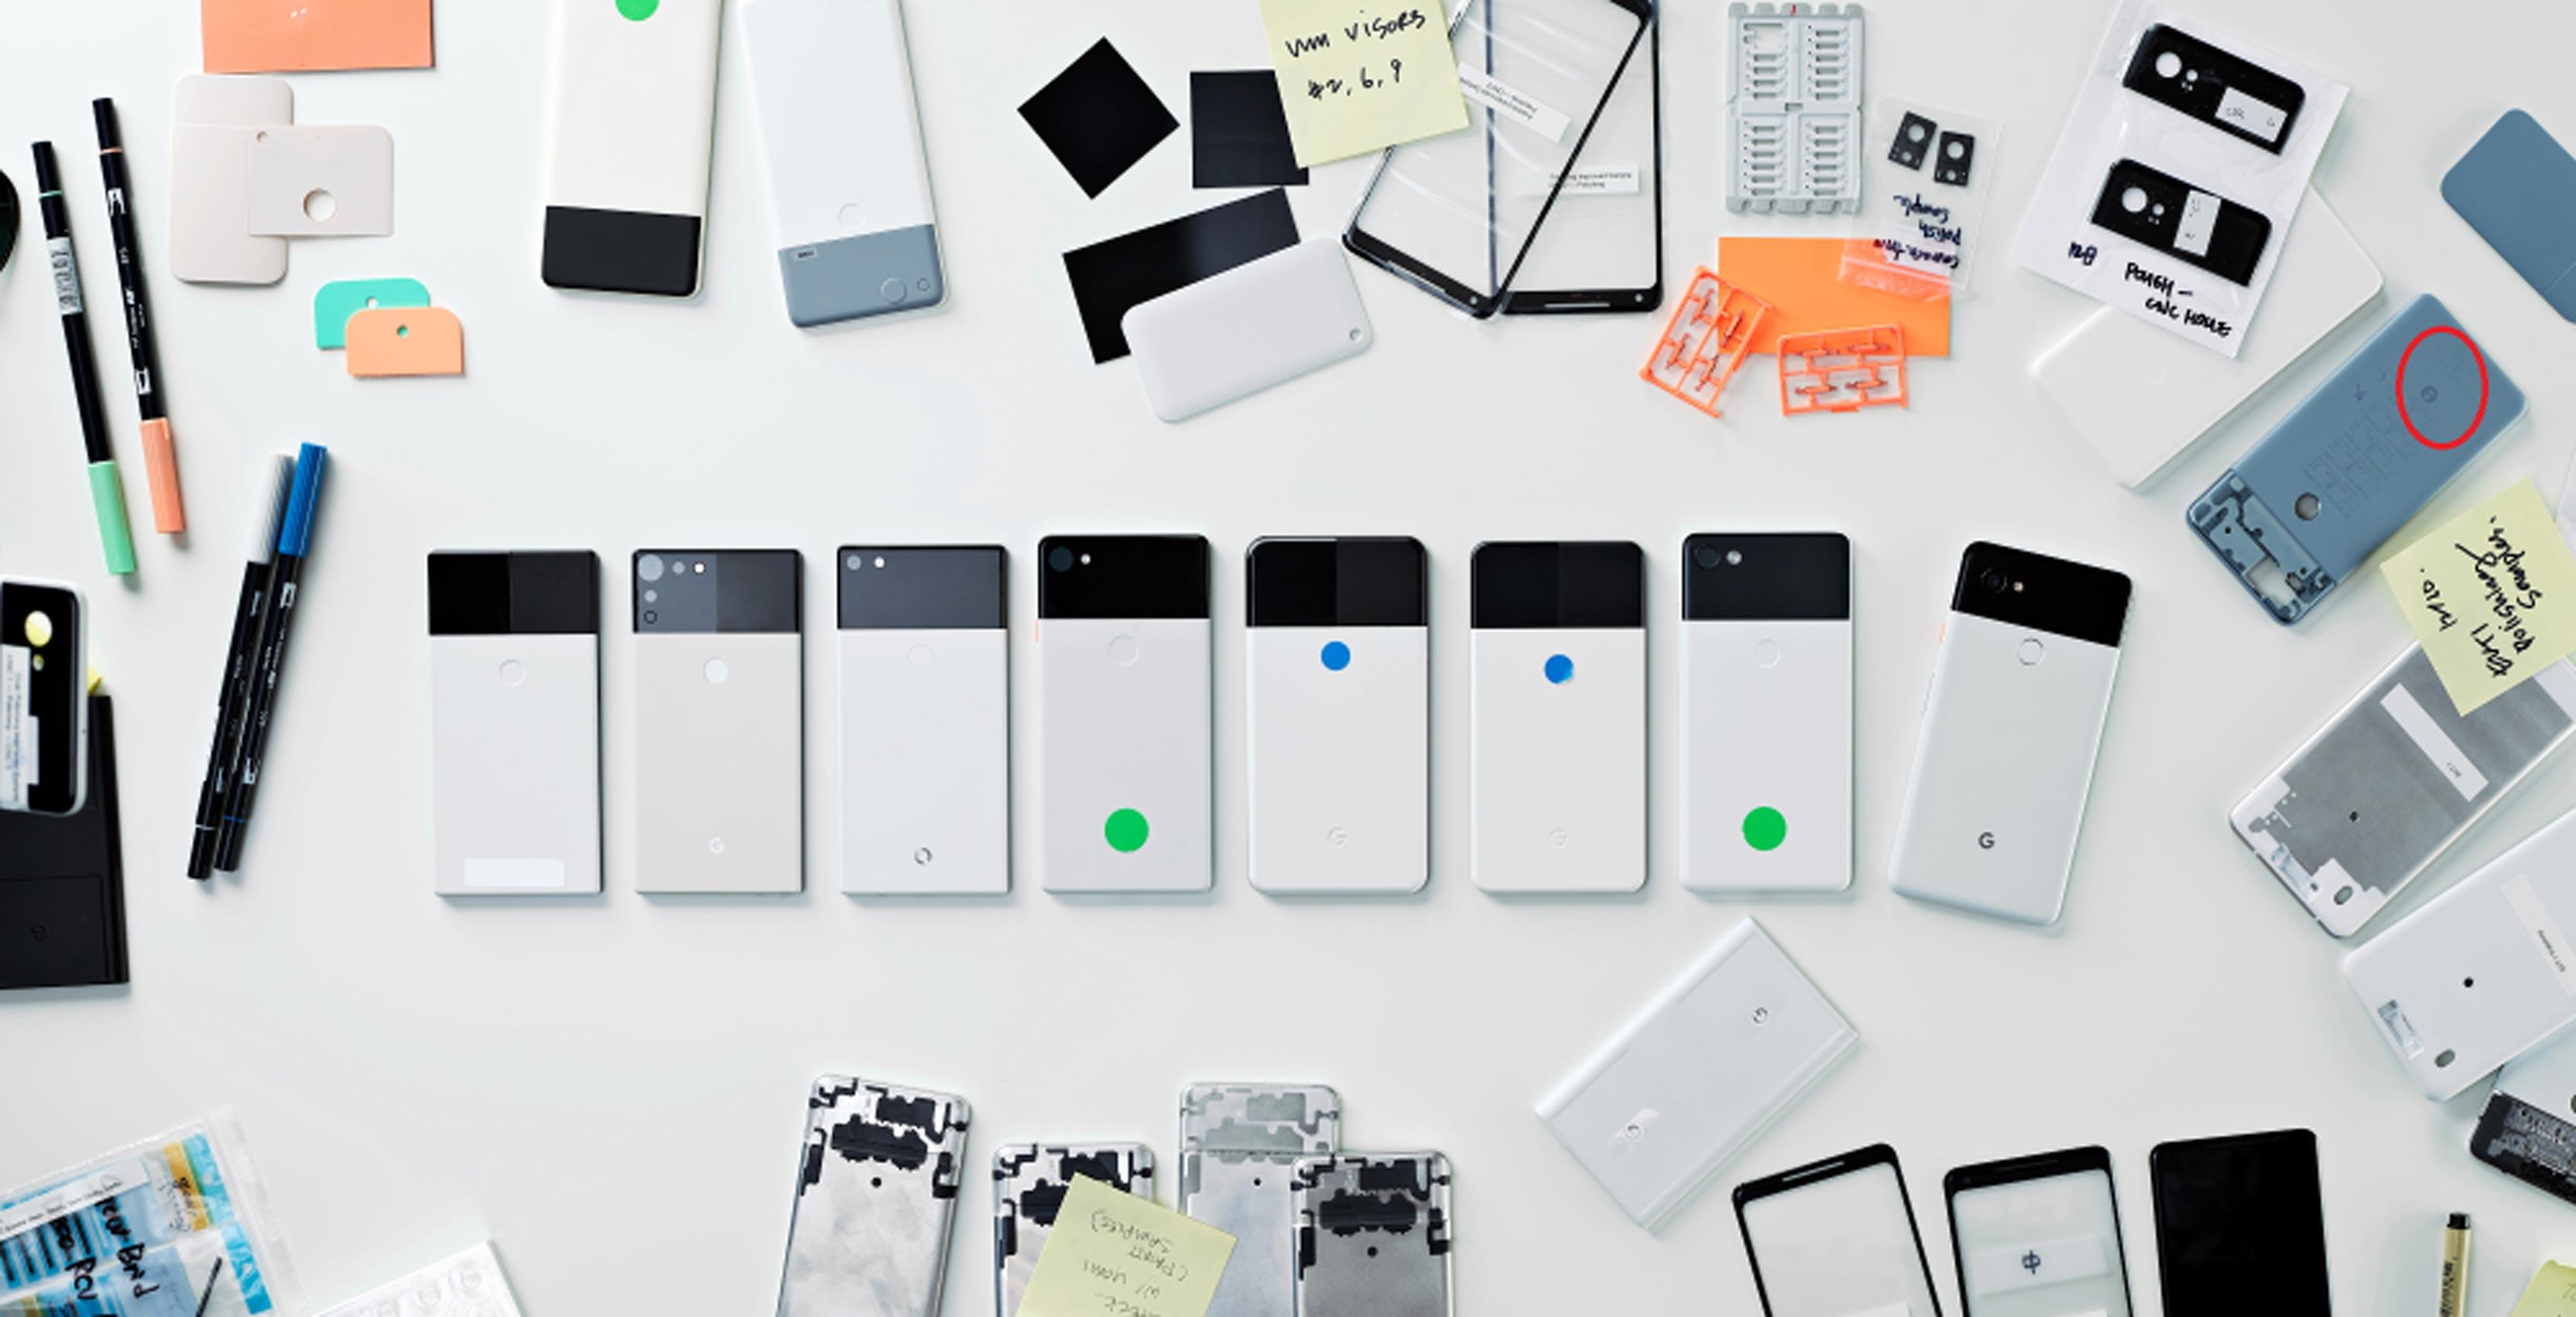 Pixel 2 prototypes